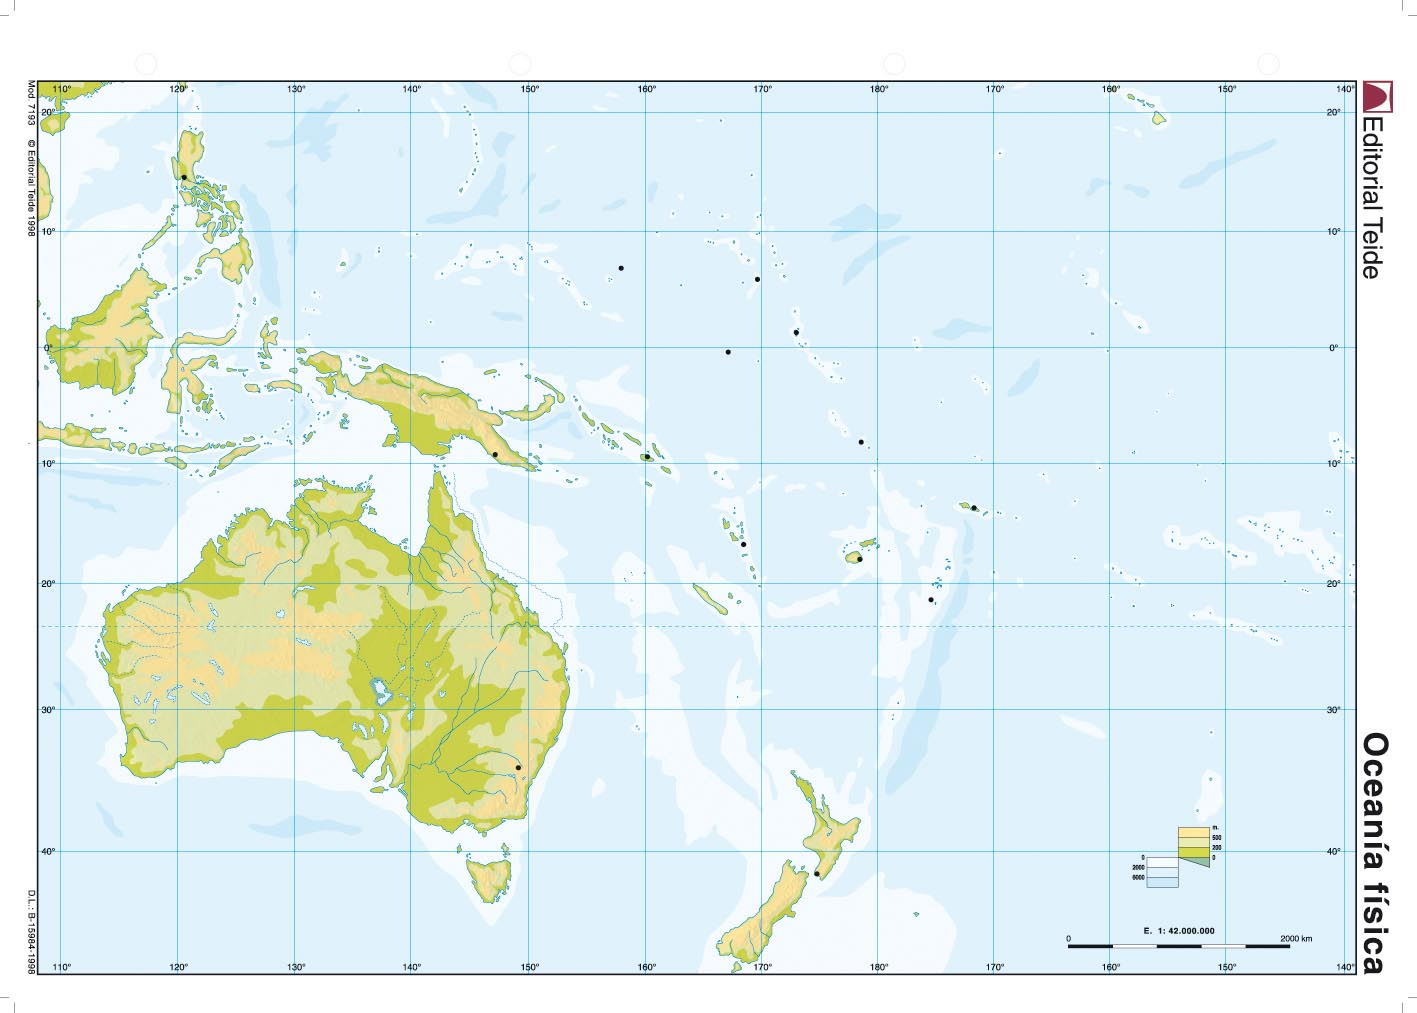 Mapa Mudo De Oceania Para Imprimir.Mapas De Oceania Para Imprimir Laclasedeptdemontse